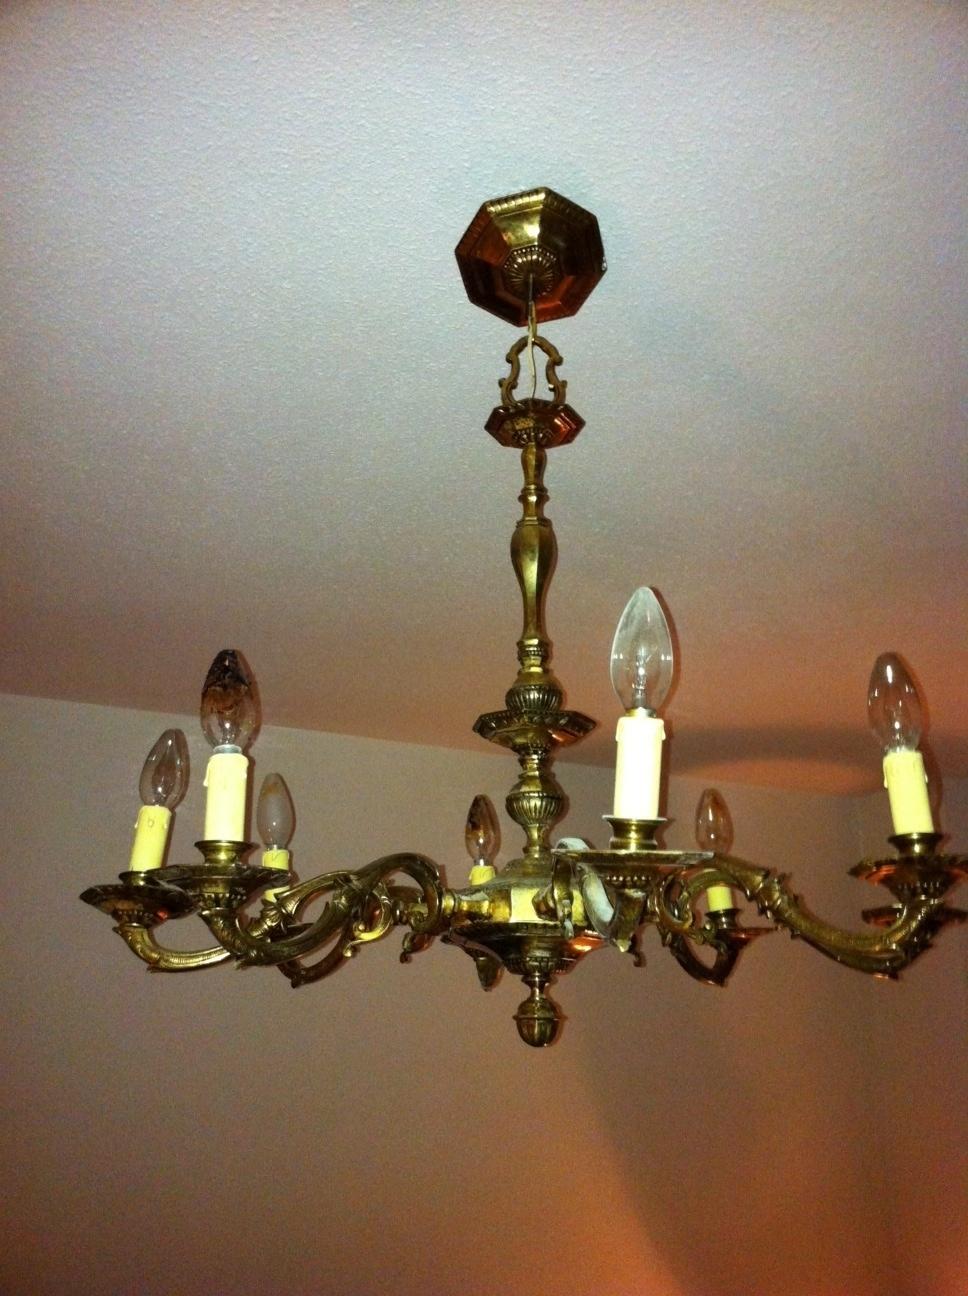 Restauracion muebles compra venta de lamparas antiguas - Lamparas antiguas ...